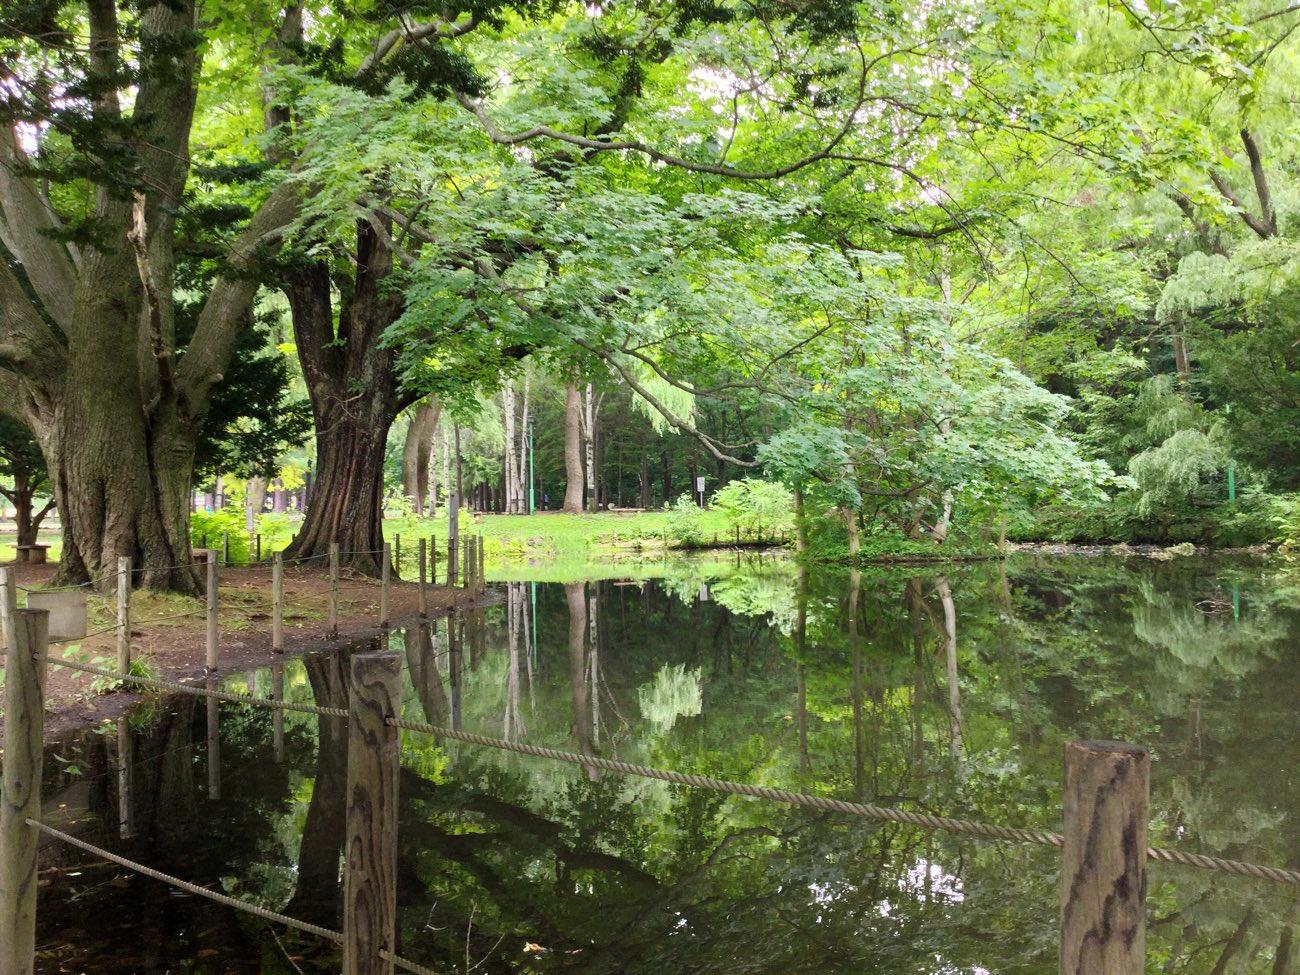 円山公園の池のある風景